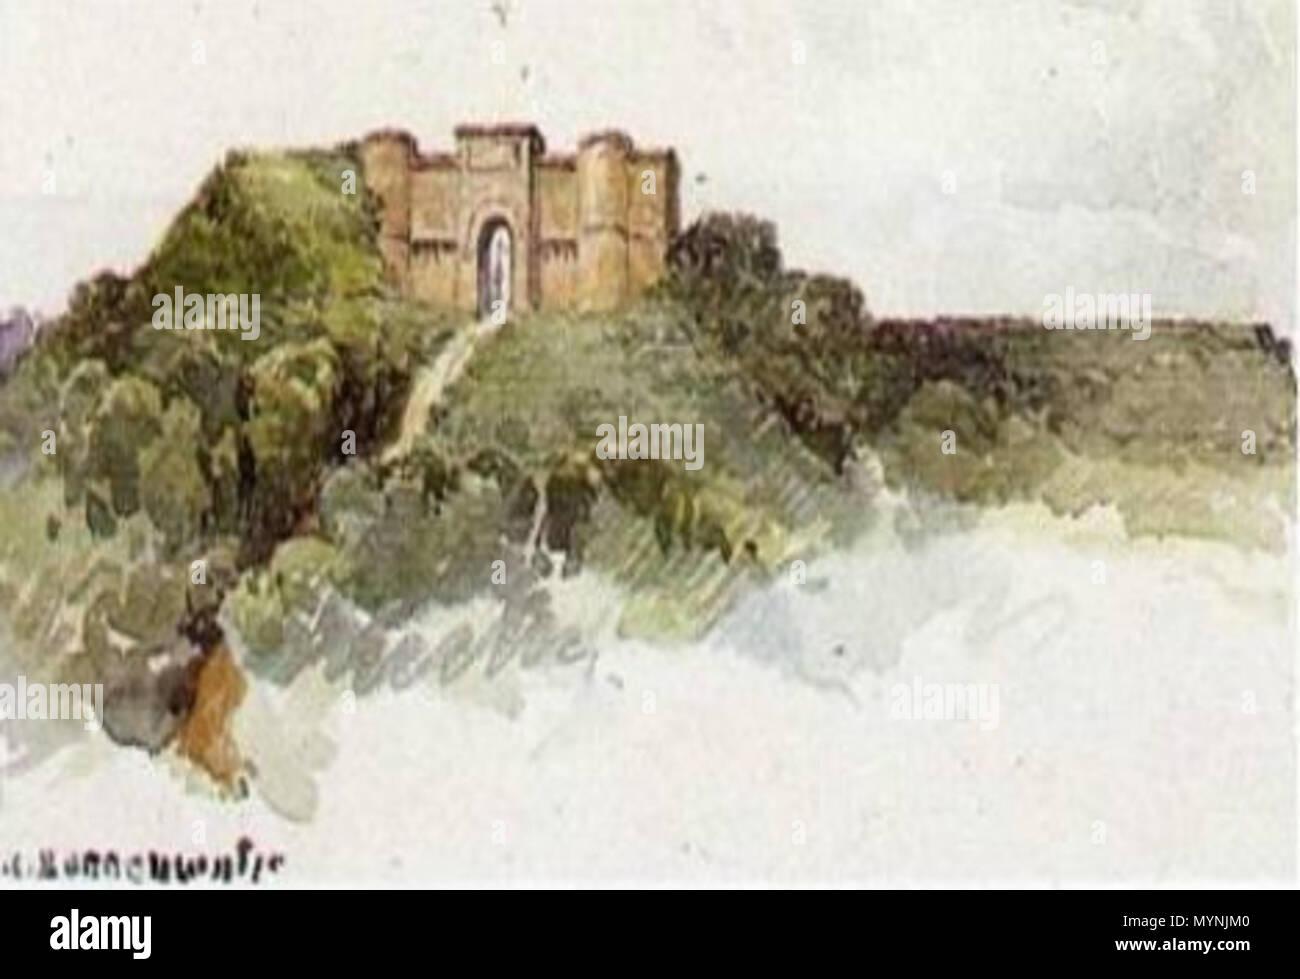 441 Puerta fortificada del Fuerte Agüi, 1911 - Stock Image